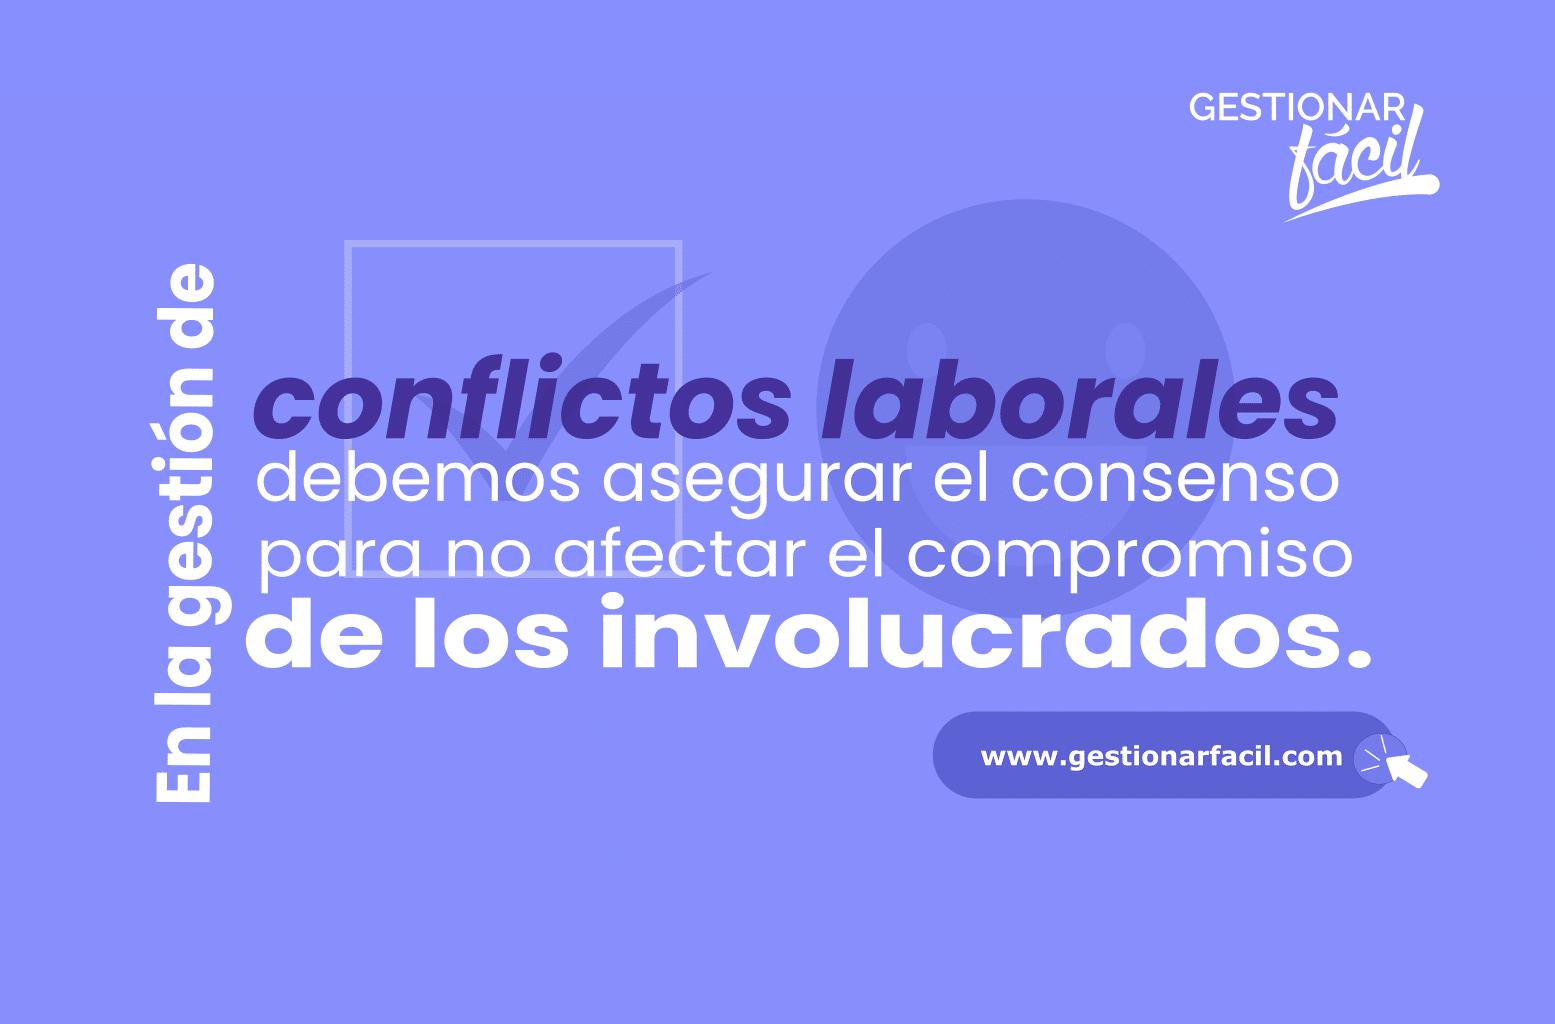 En la gestión de conflictos laborales debemos asegurar el consenso, para no afectar el compromiso de los involucrados.